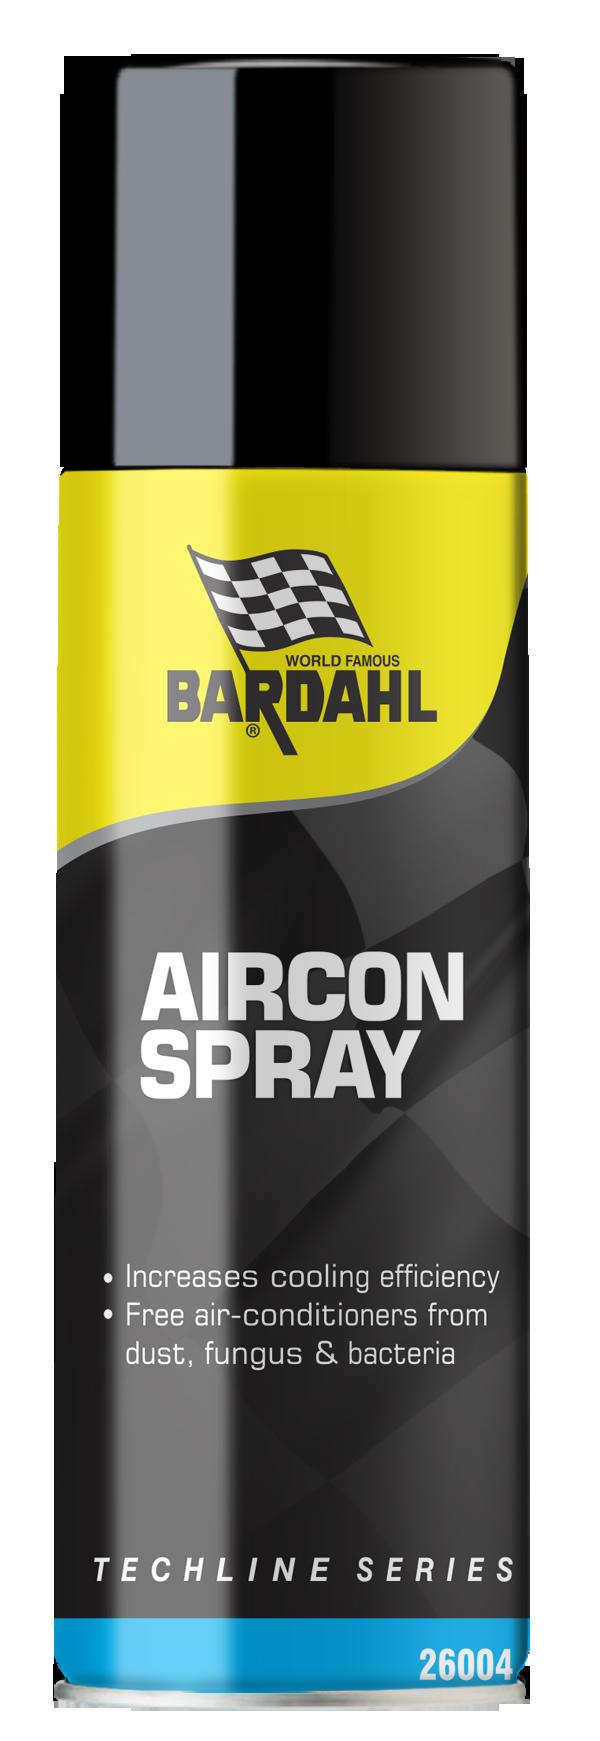 Aircon Spray